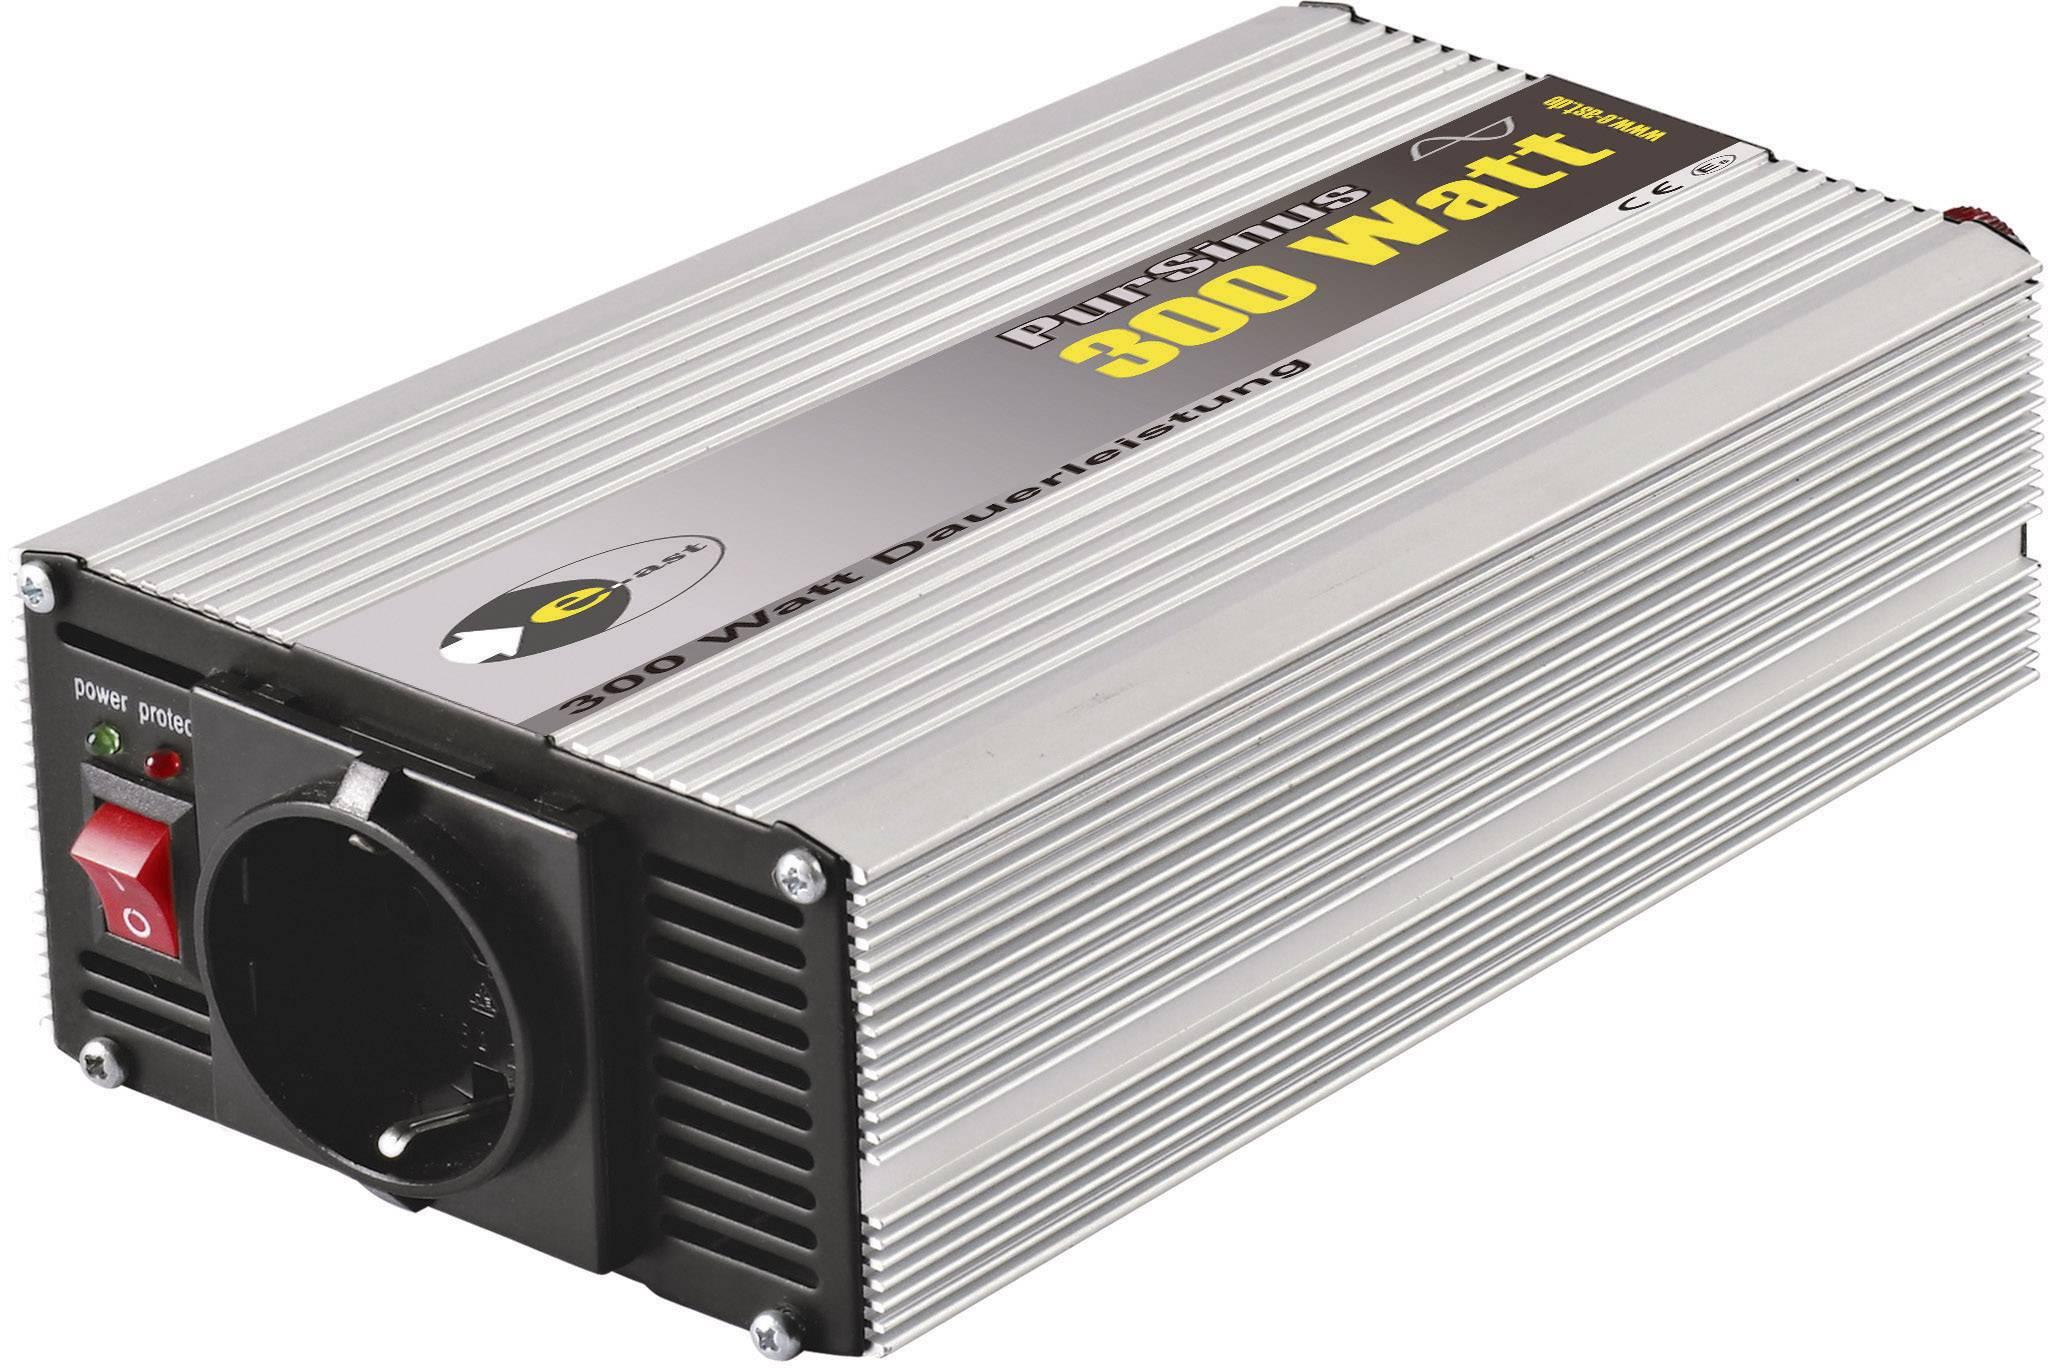 Menič napätia DC / AC e-ast CLS 300-24, 300 W, 24 V/DC/230 V/AC, 300 W